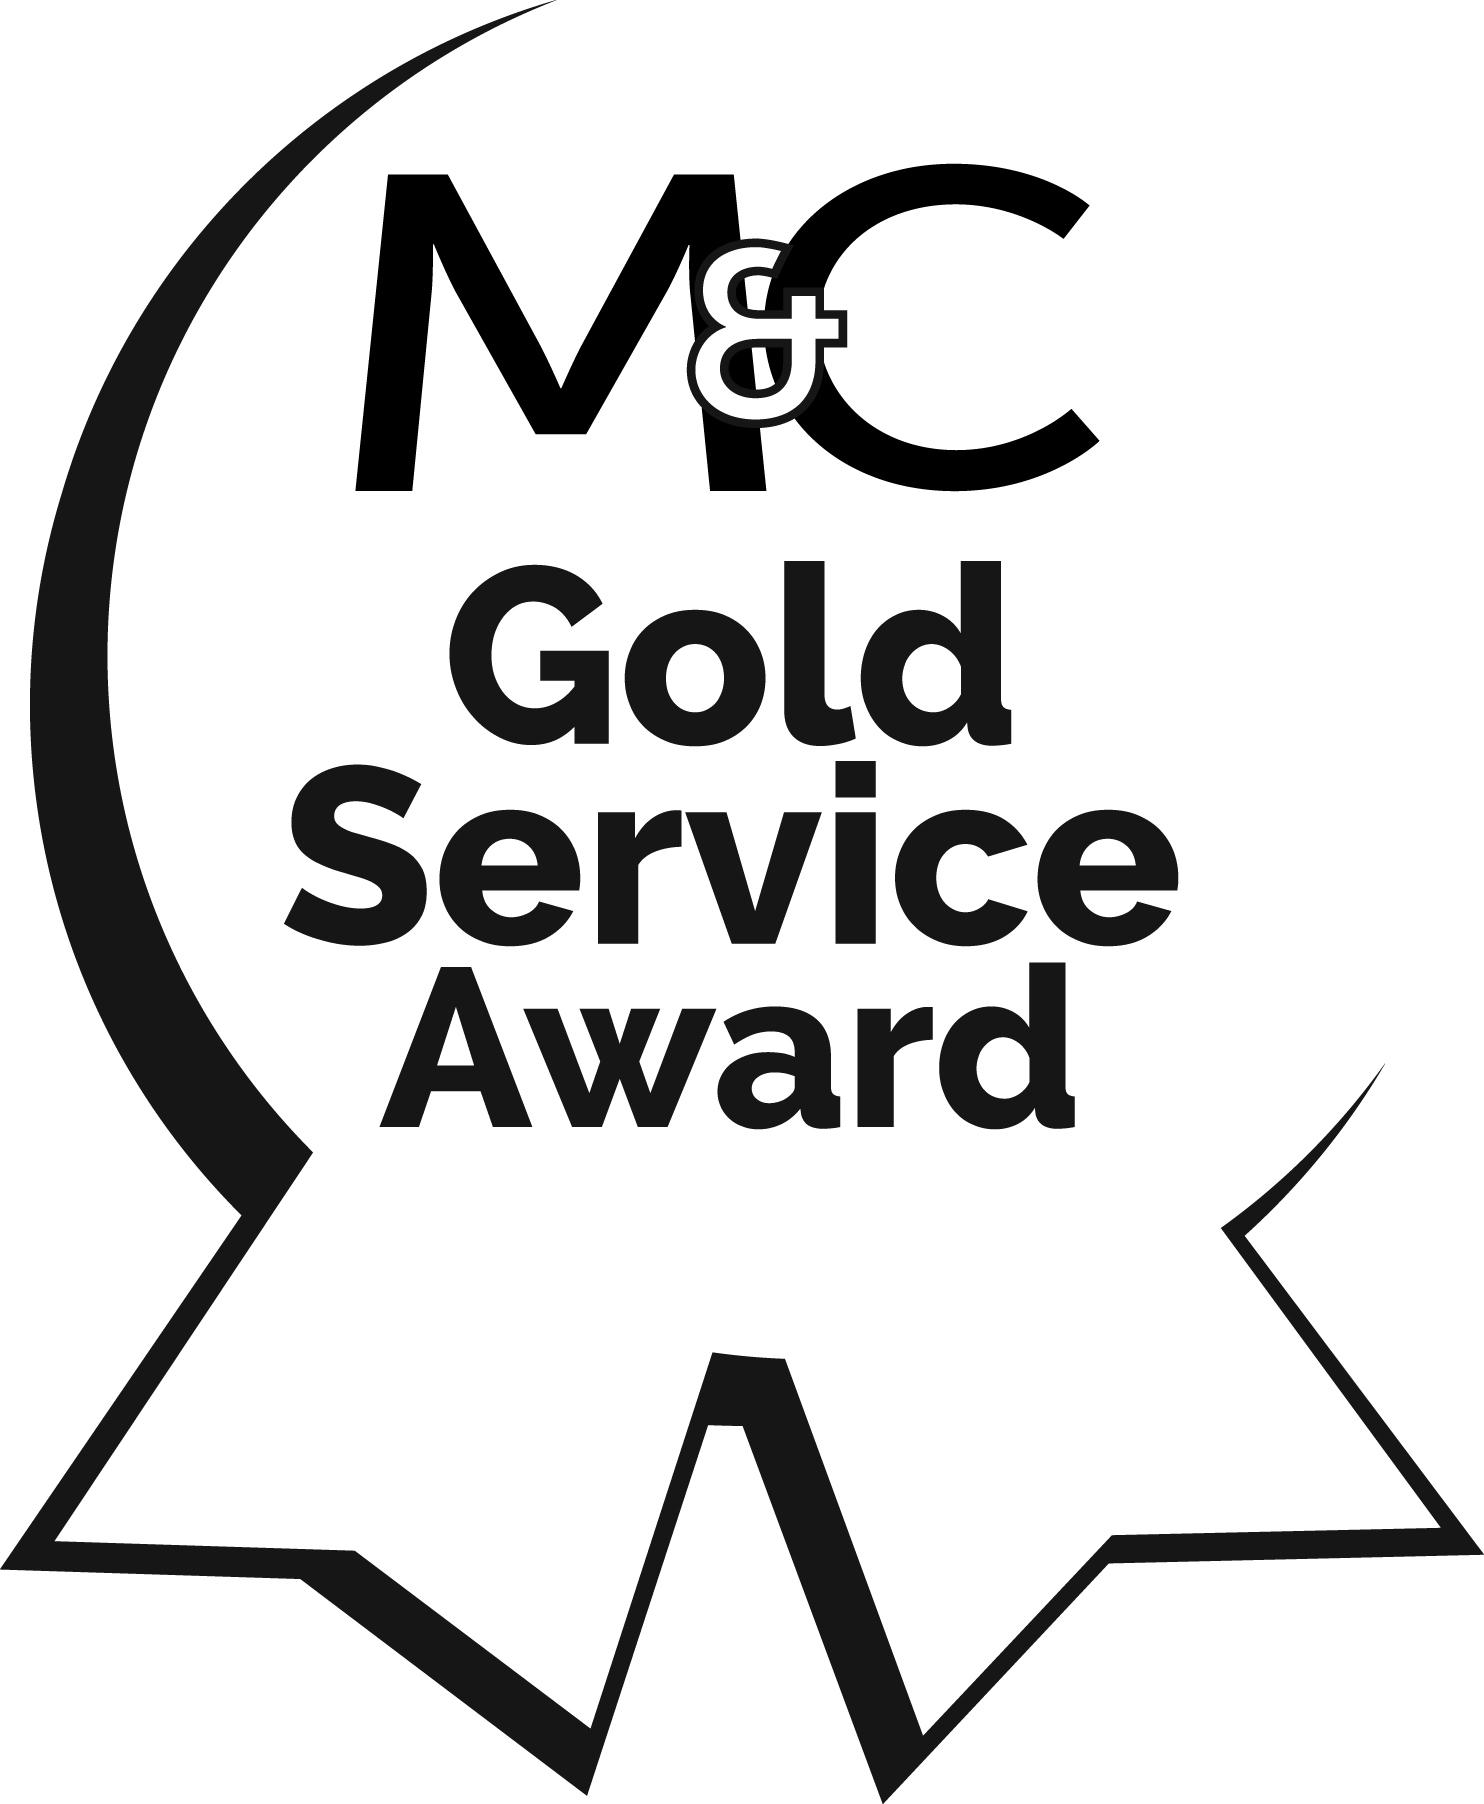 Gold Service Award 2016